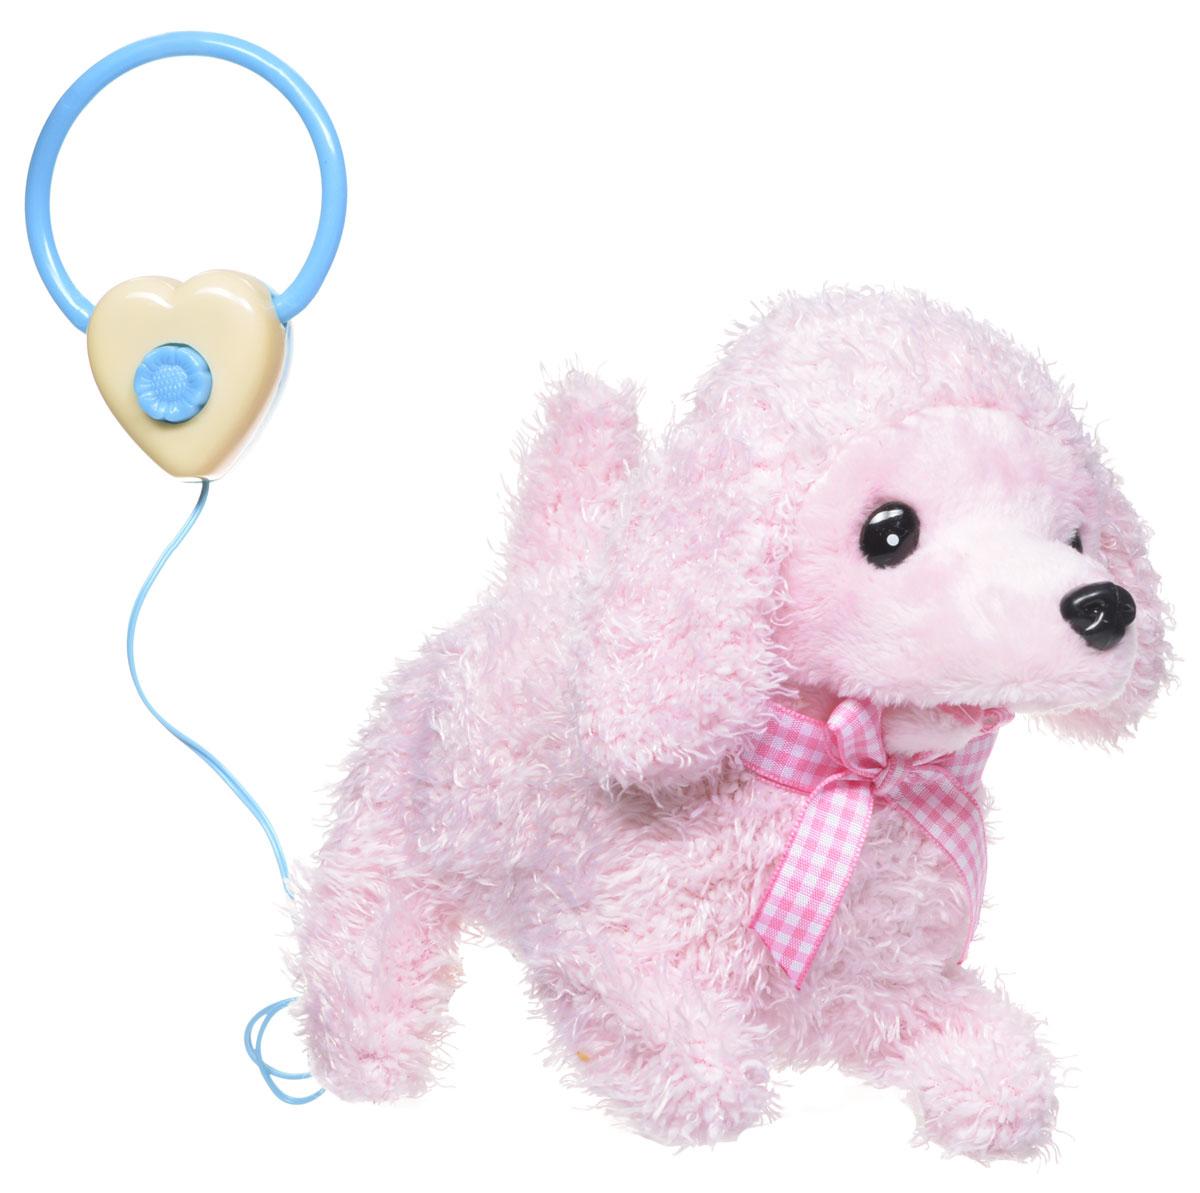 Sonata Style Мягкая озвученная игрушка Моя собачка на пульте управления цвет розовый 14 смGT5931_розовыйМягкая озвученная игрушка Sonata Style Моя собачка развлечет вашего ребенка и станет для него любимой игрушкой. Игрушка выполнена в виде симпатичного щенка светло-розового цвета. Очаровательный щенок выглядит совсем как настоящий. На шее у него красуется ленточка розового цвета. В комплект с игрушкой входит пульт управления, выполненный в виде поводка. Собачка умеет ходить, садиться, шевелить хвостиком и лаять. Щенок поднимет настроение вашему малышу и подарит массу положительных эмоций. Рекомендуется докупить 2 батарейки напряжением 1,5V типа АA (товар комплектуется демонстрационными).